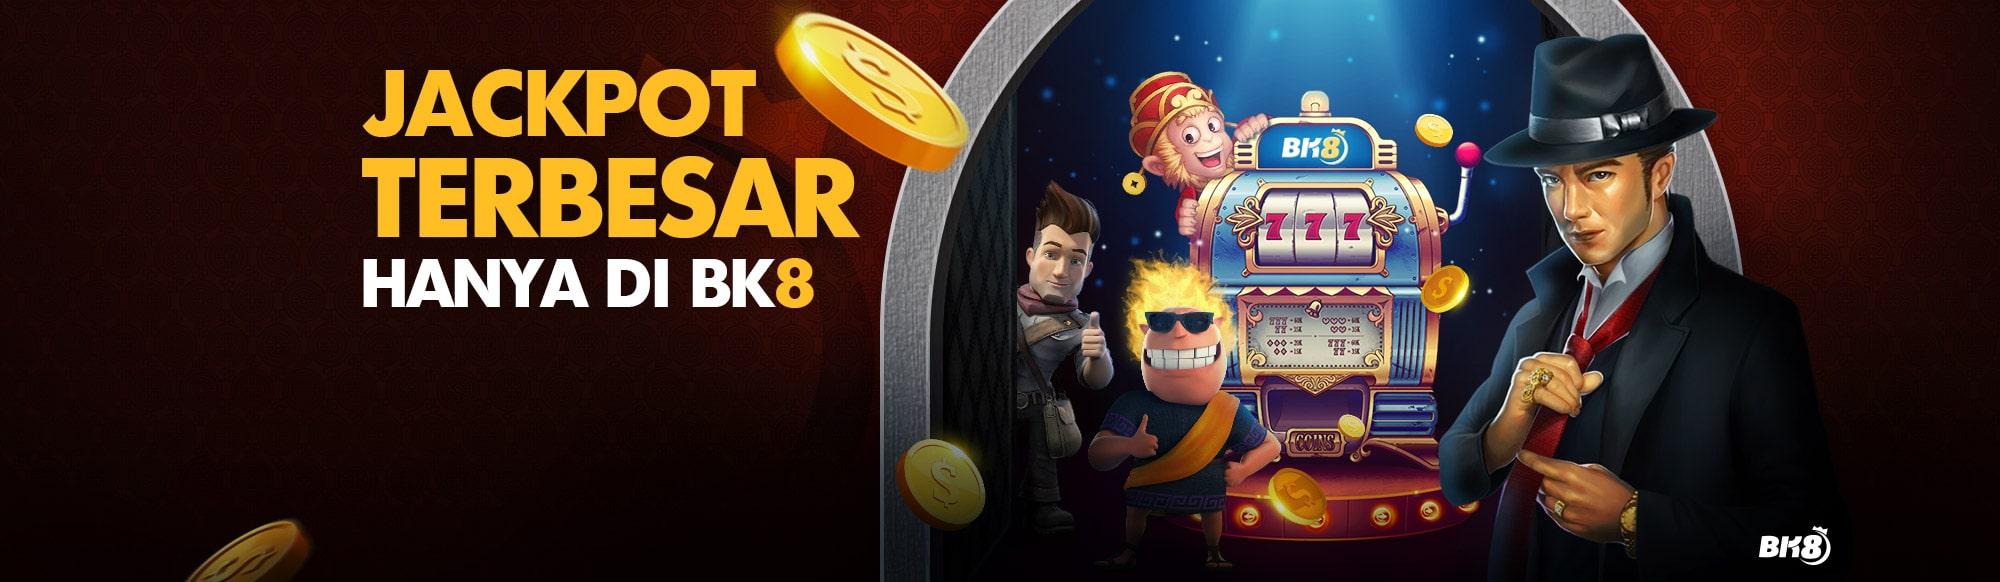 online kasino slot malaysia